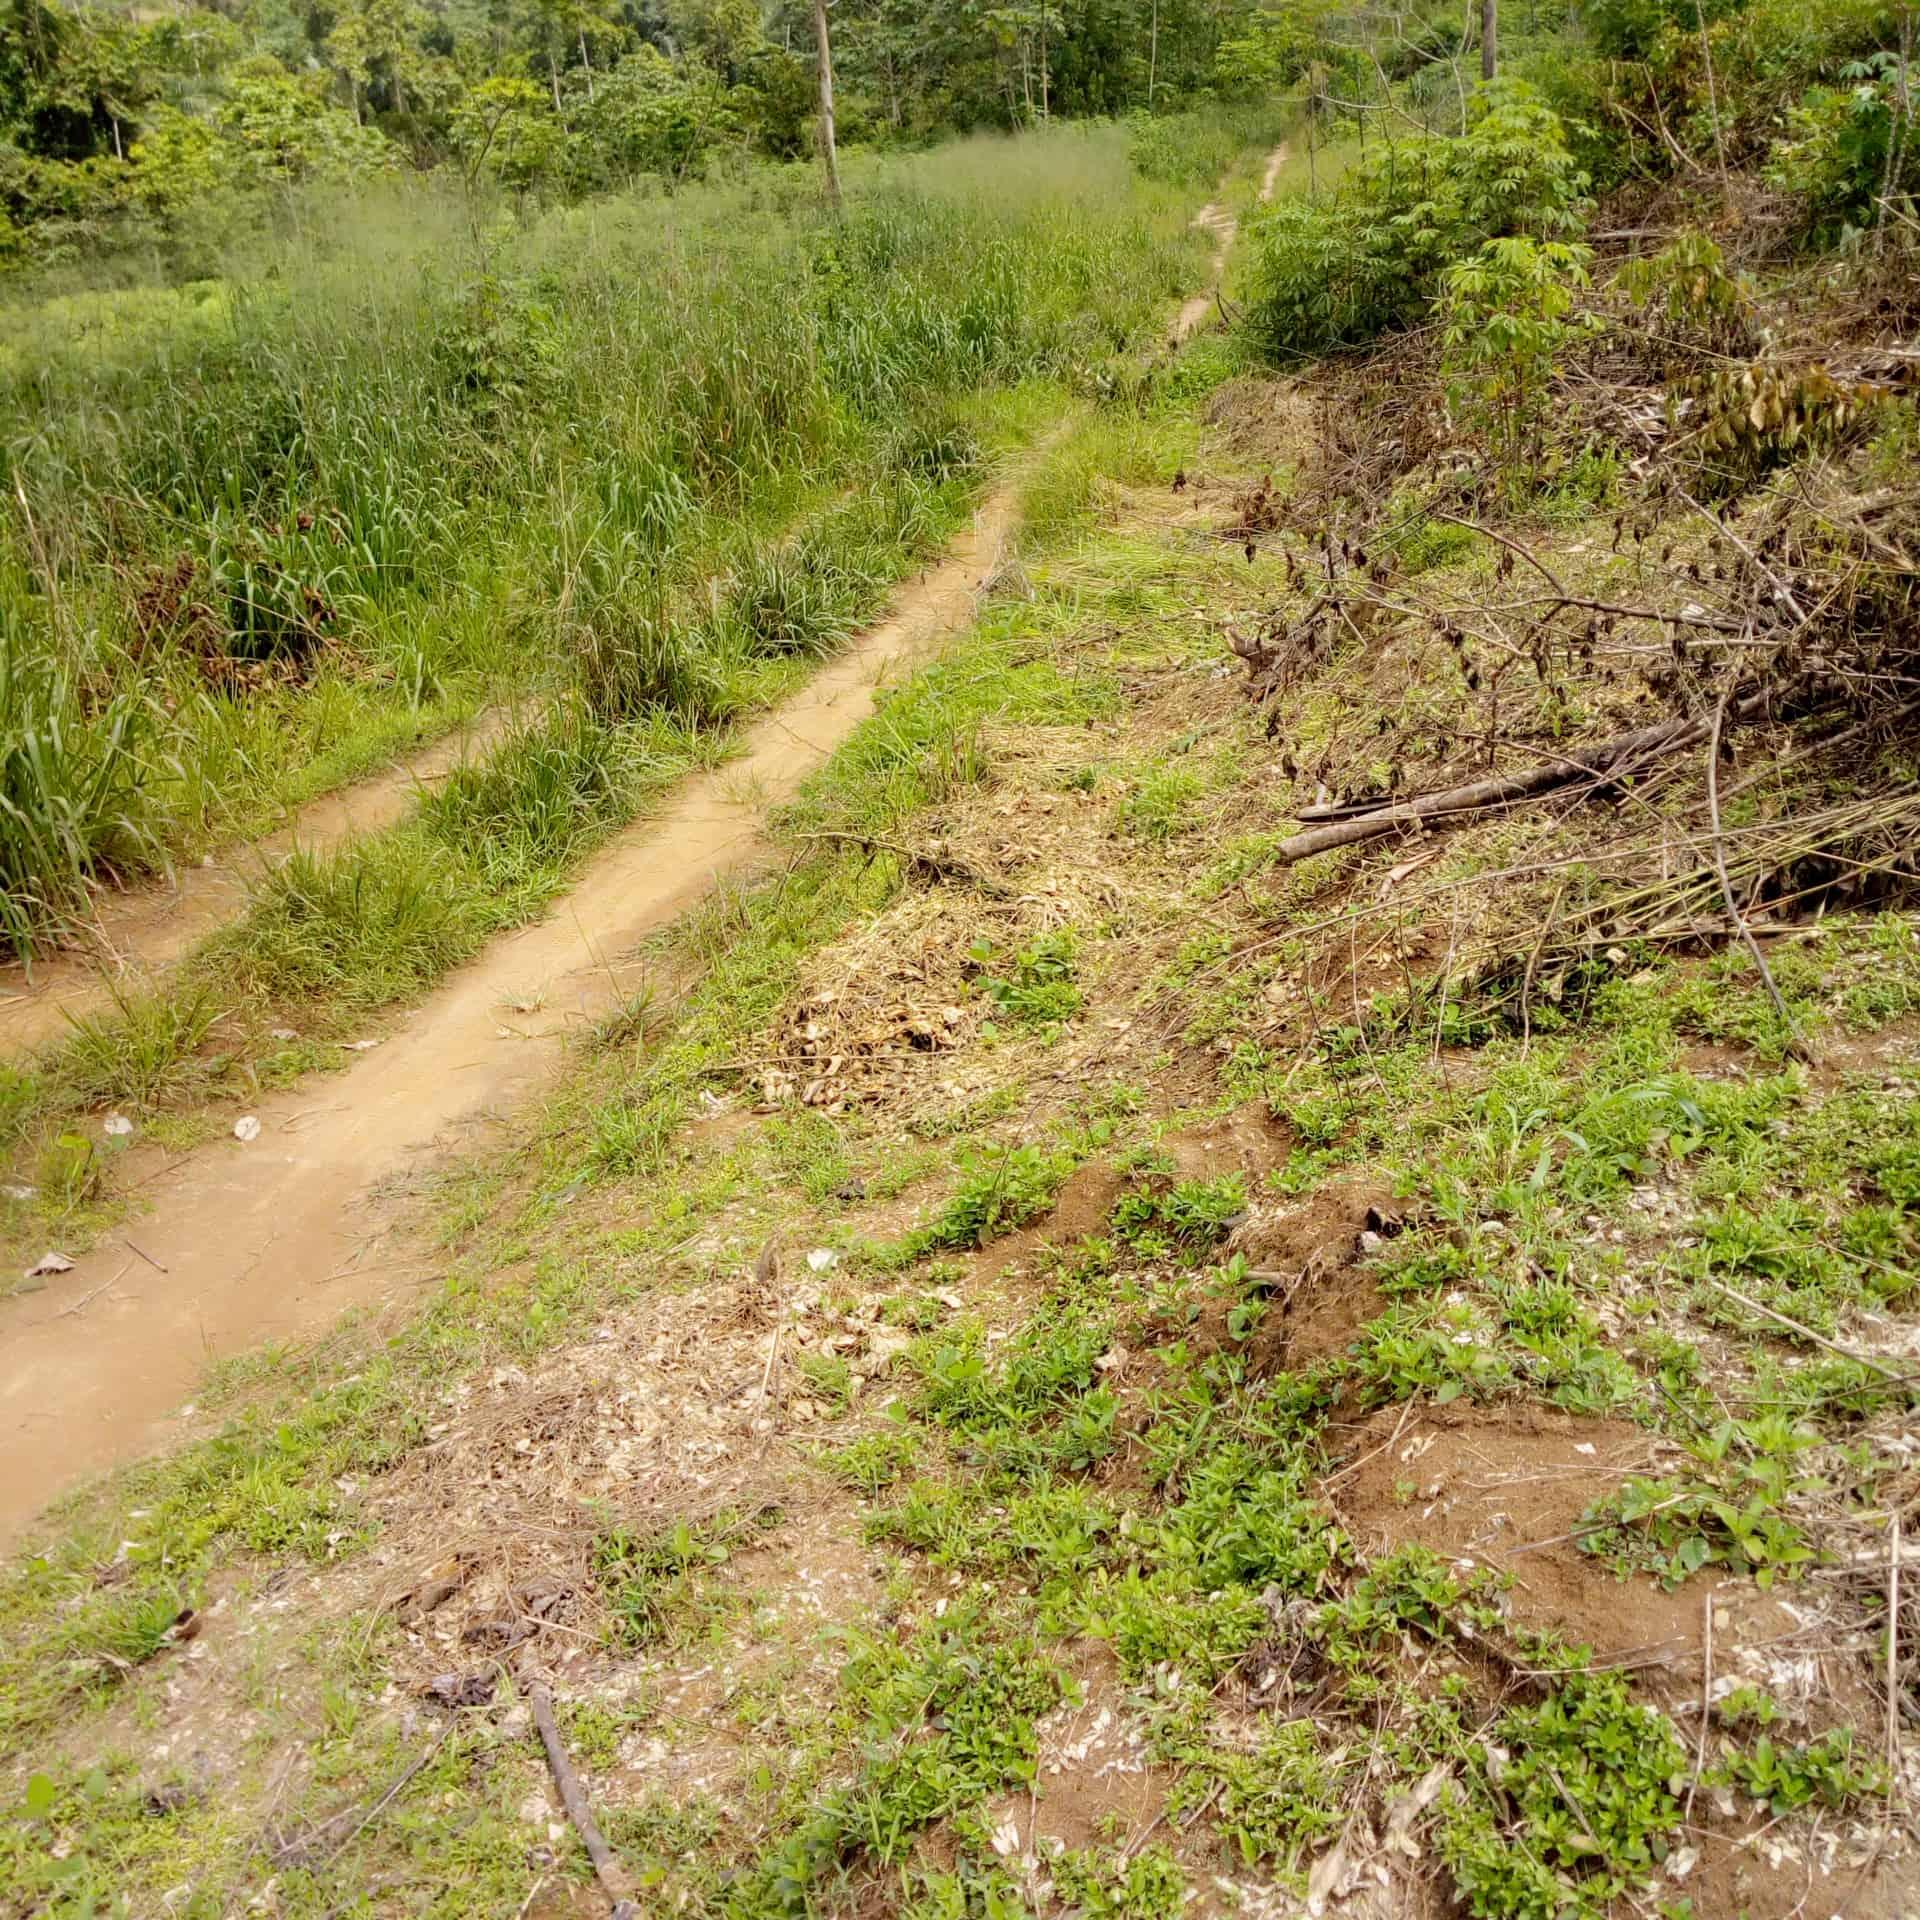 Land for sale at Douala, PK 27, Pk27 5km - 10000 m2 - 2 000 000 FCFA